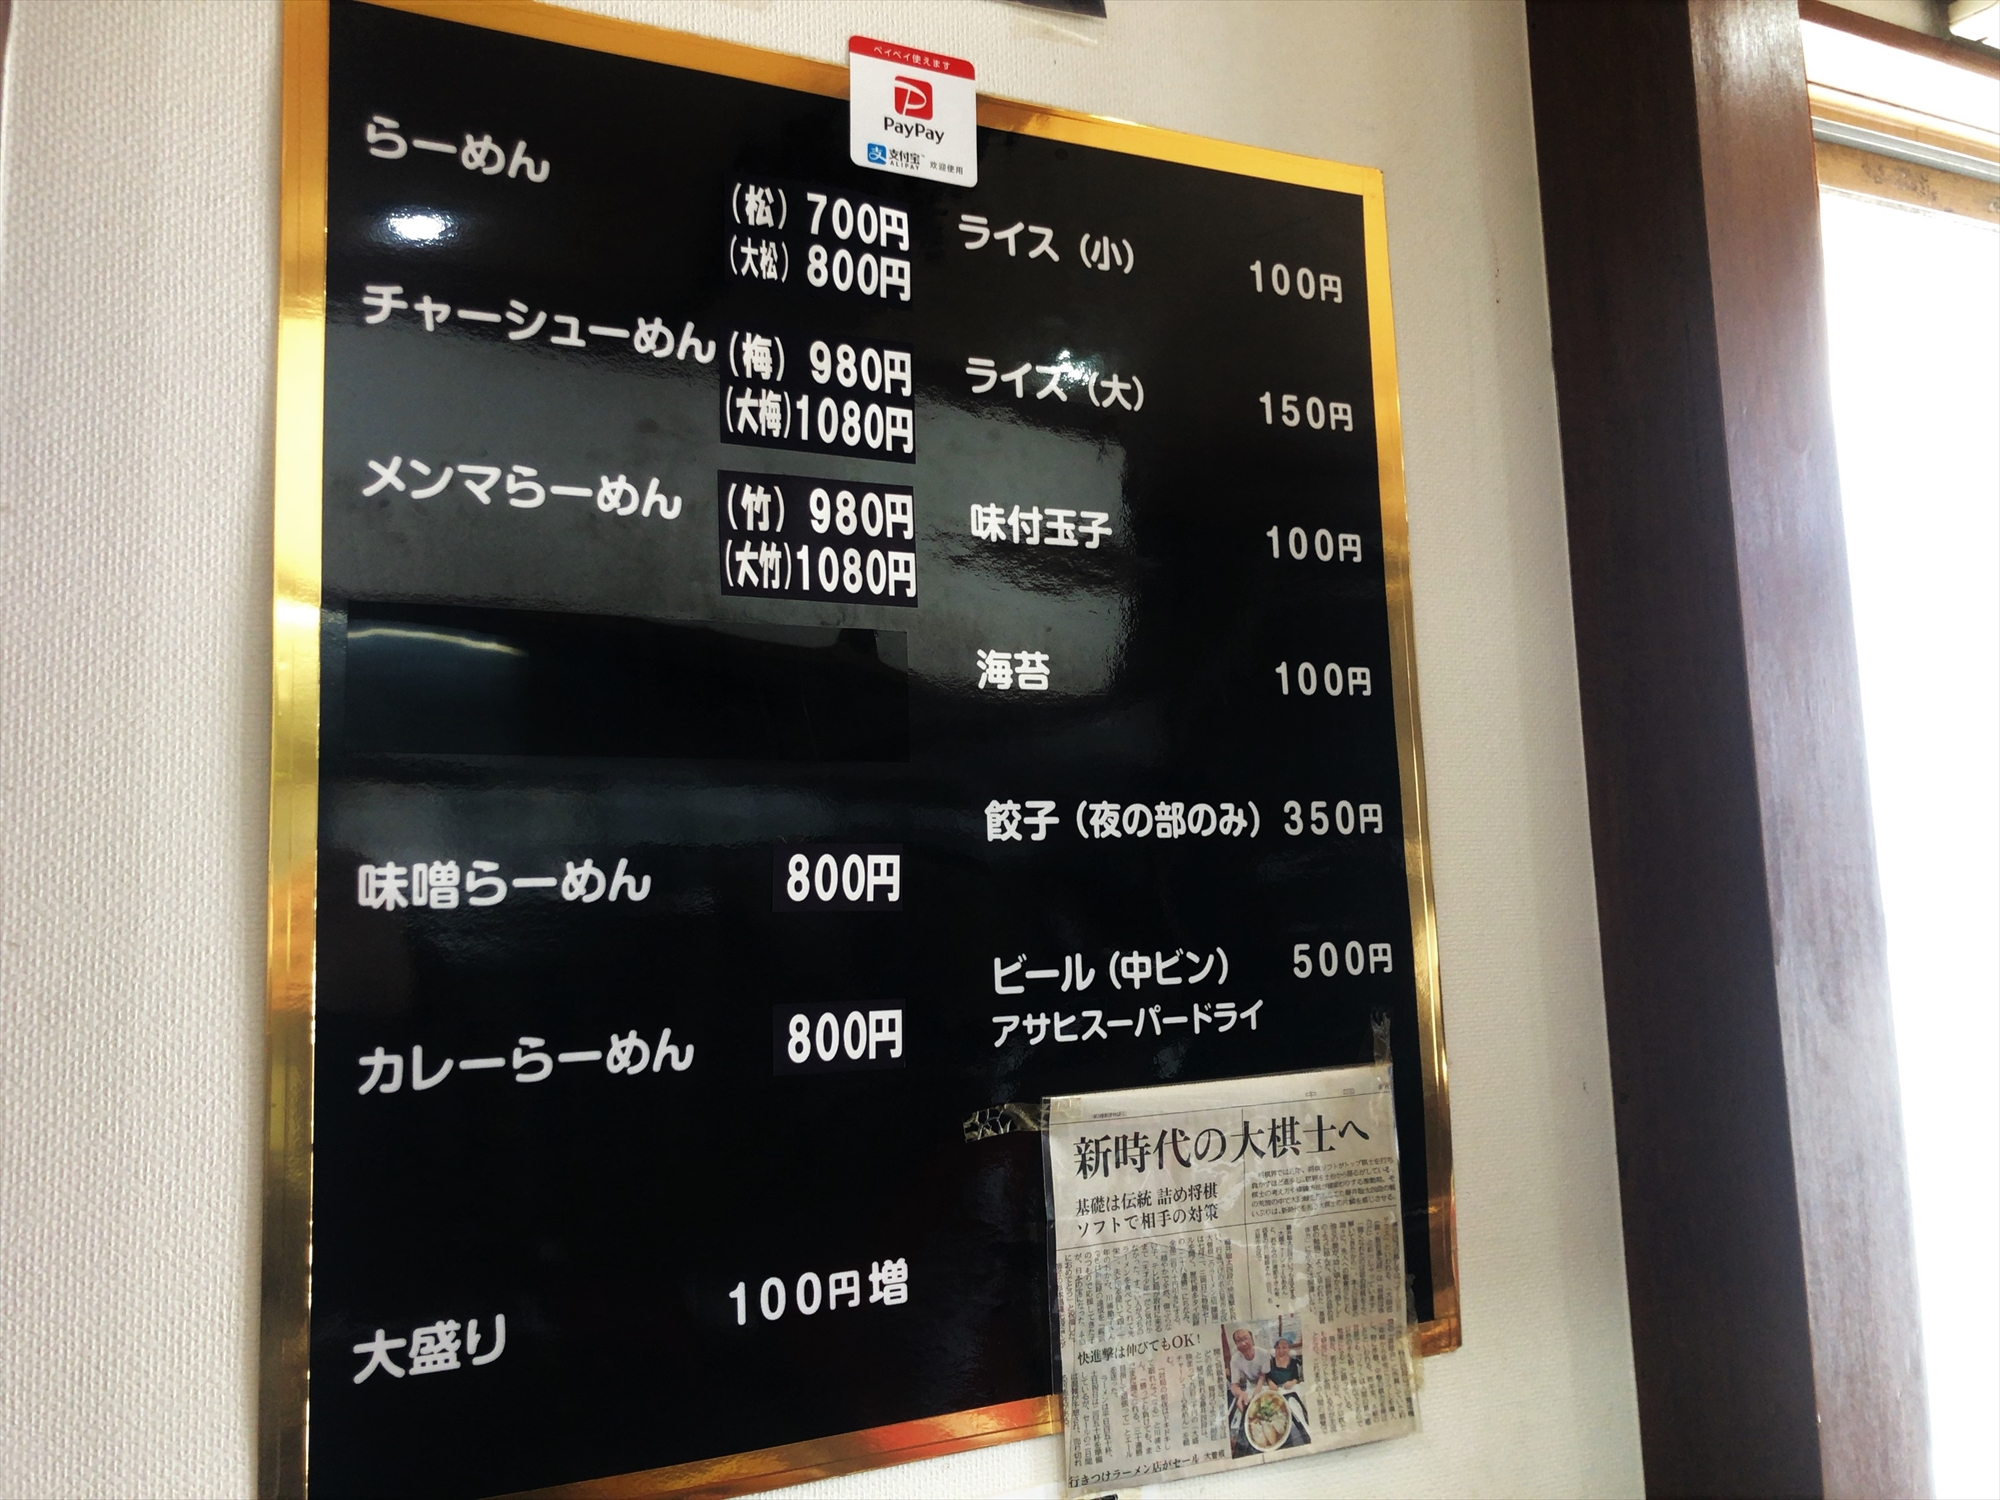 らーめん専門店 藤味亭のメニュー